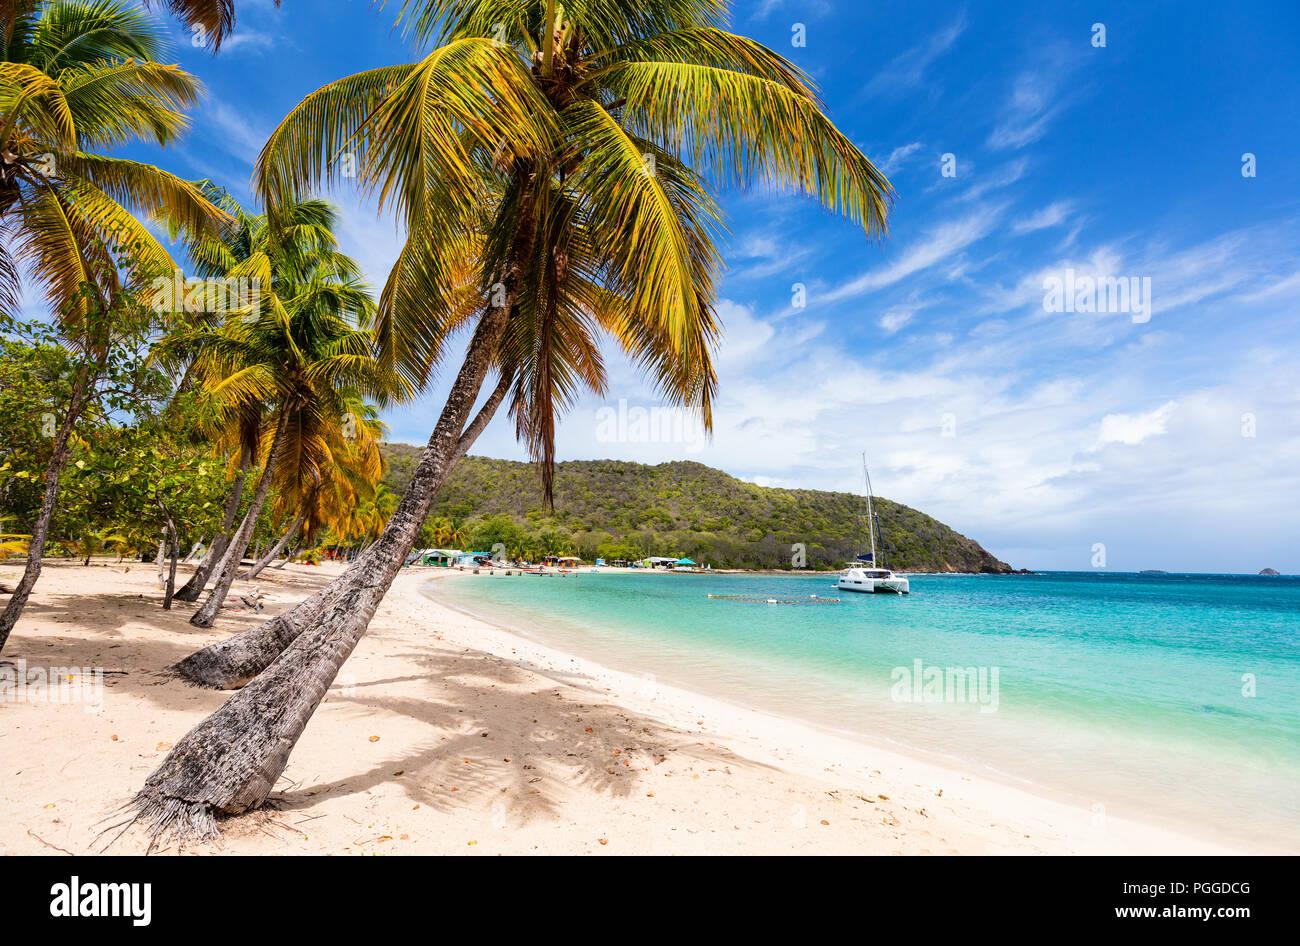 Tropical idílica playa de arena blanca, palmeras y aguas turquesas del Mar Caribe en la isla de Mayreau agua en San Vicente y las Granadinas Imagen De Stock